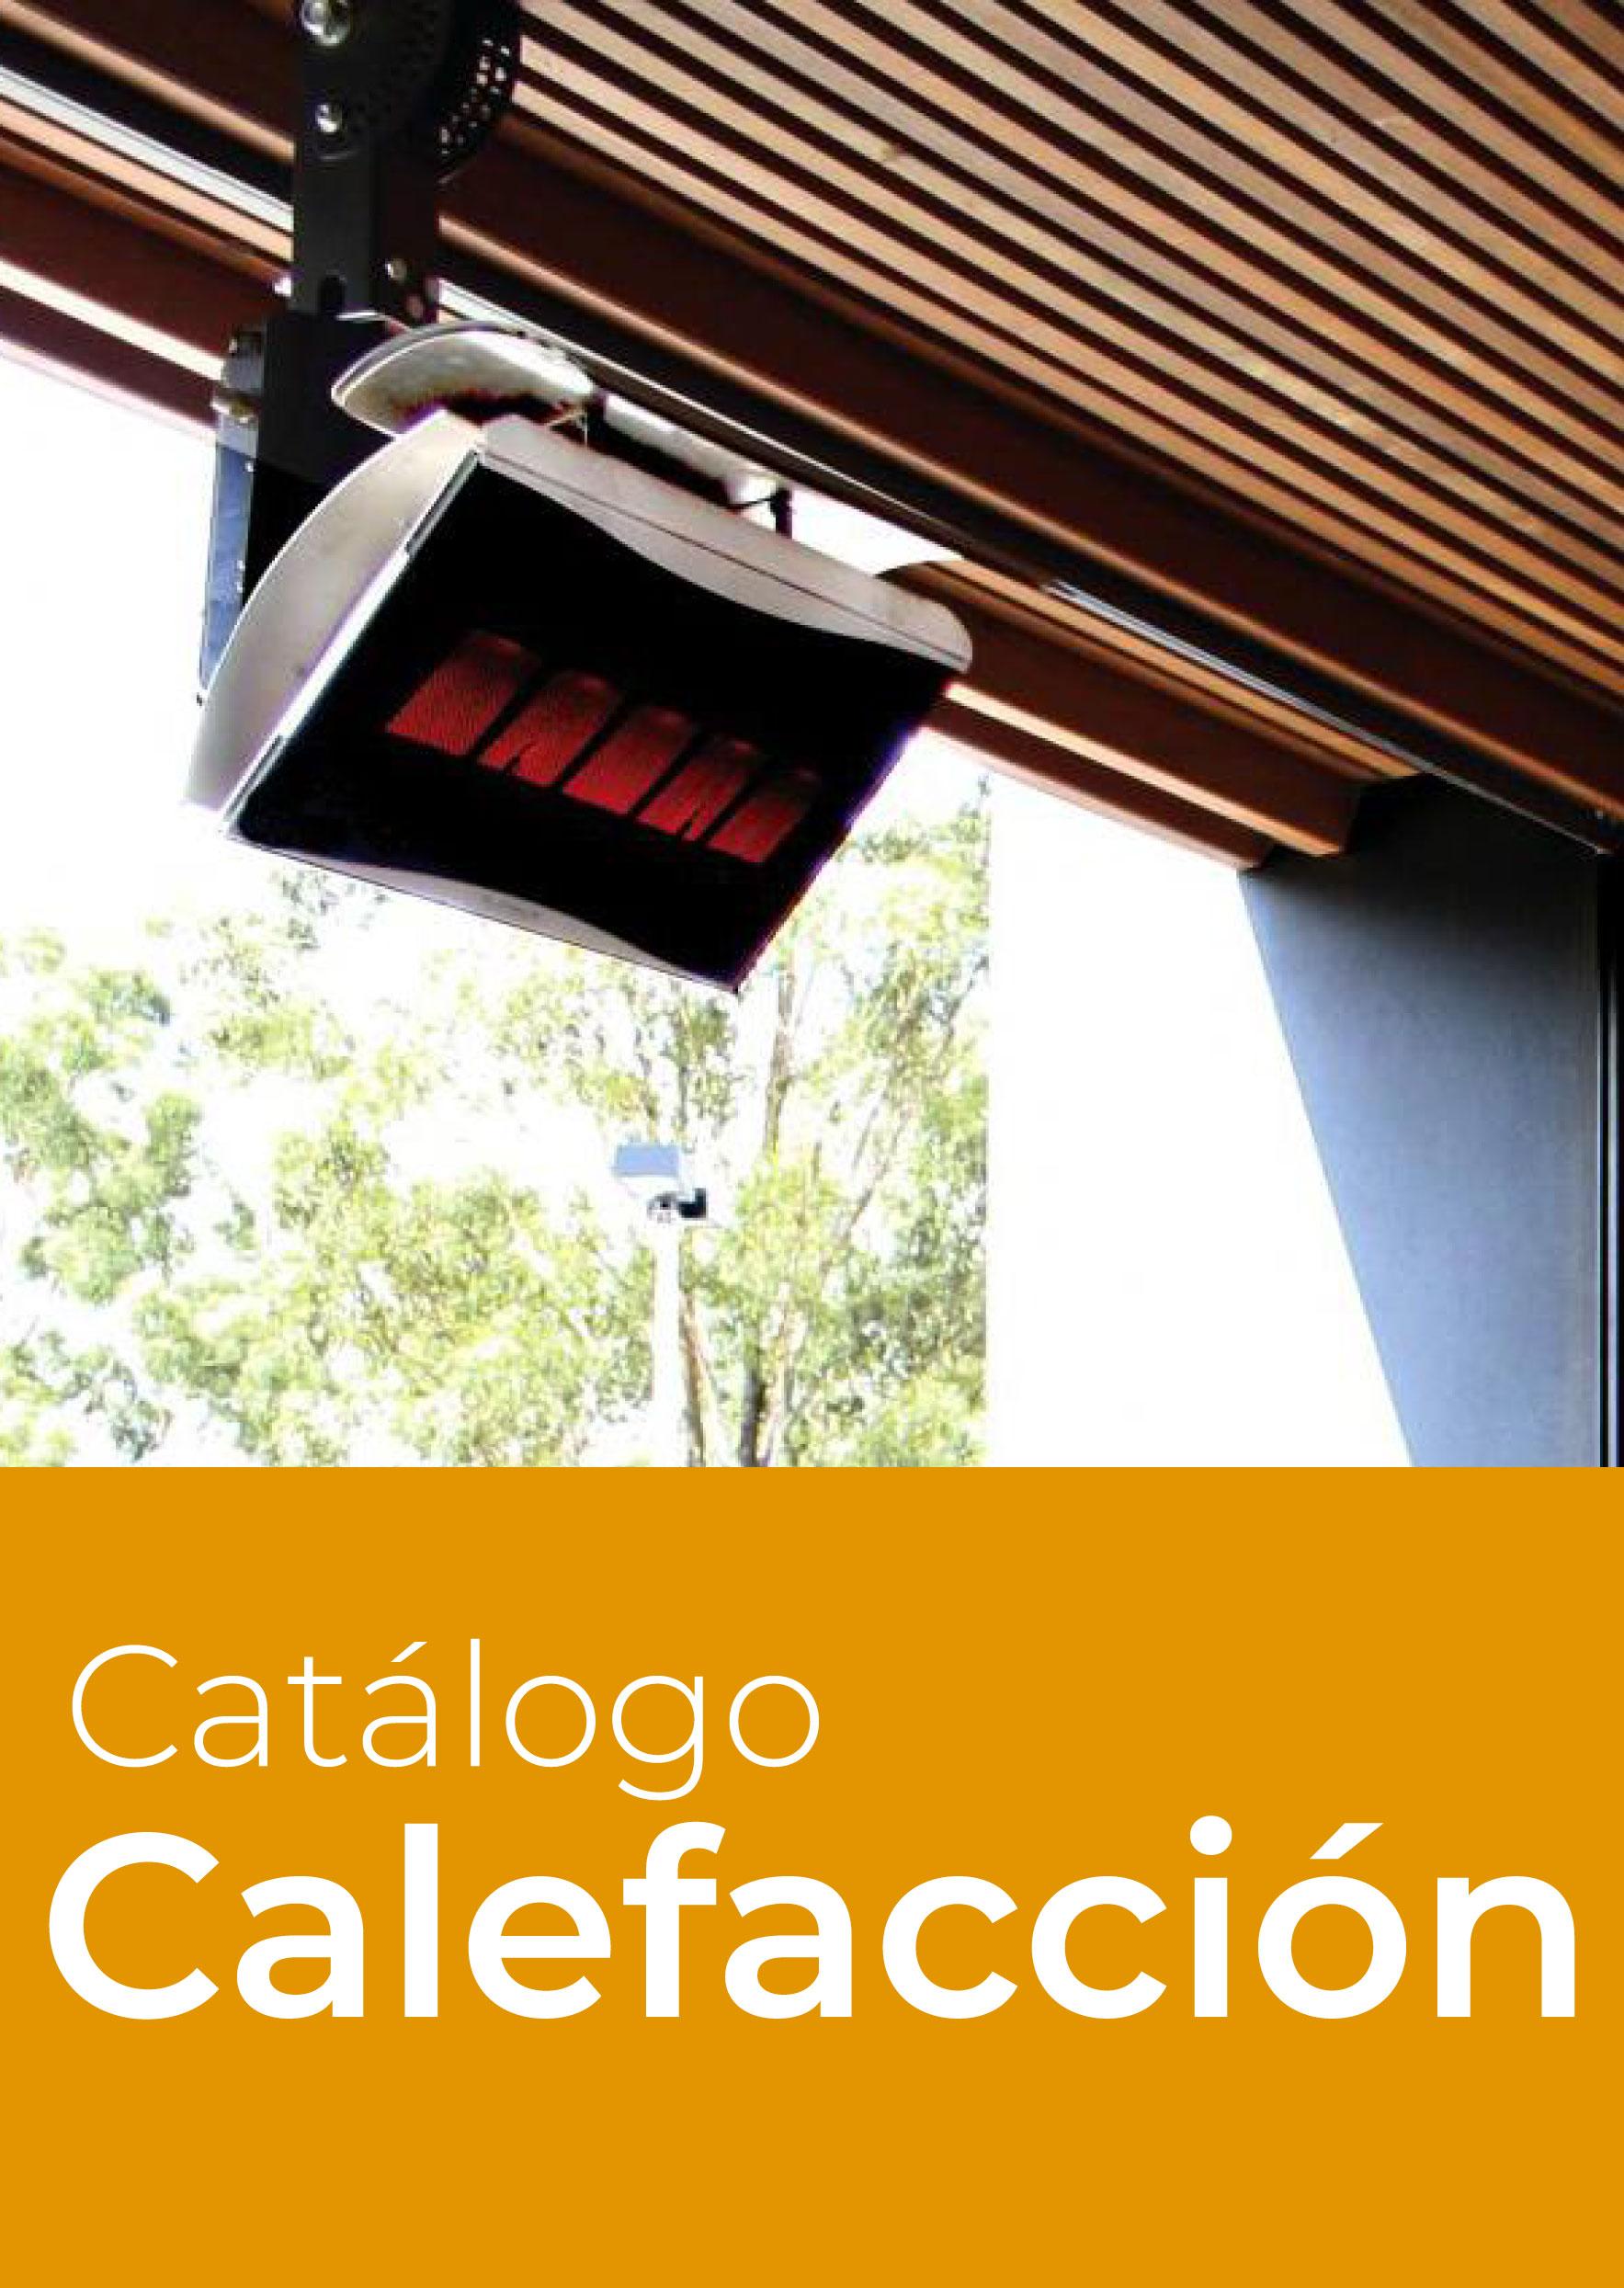 Sistemas de calefacci n calefactores para exterior extractores de aire focos led - Sistemas de calefaccion ...